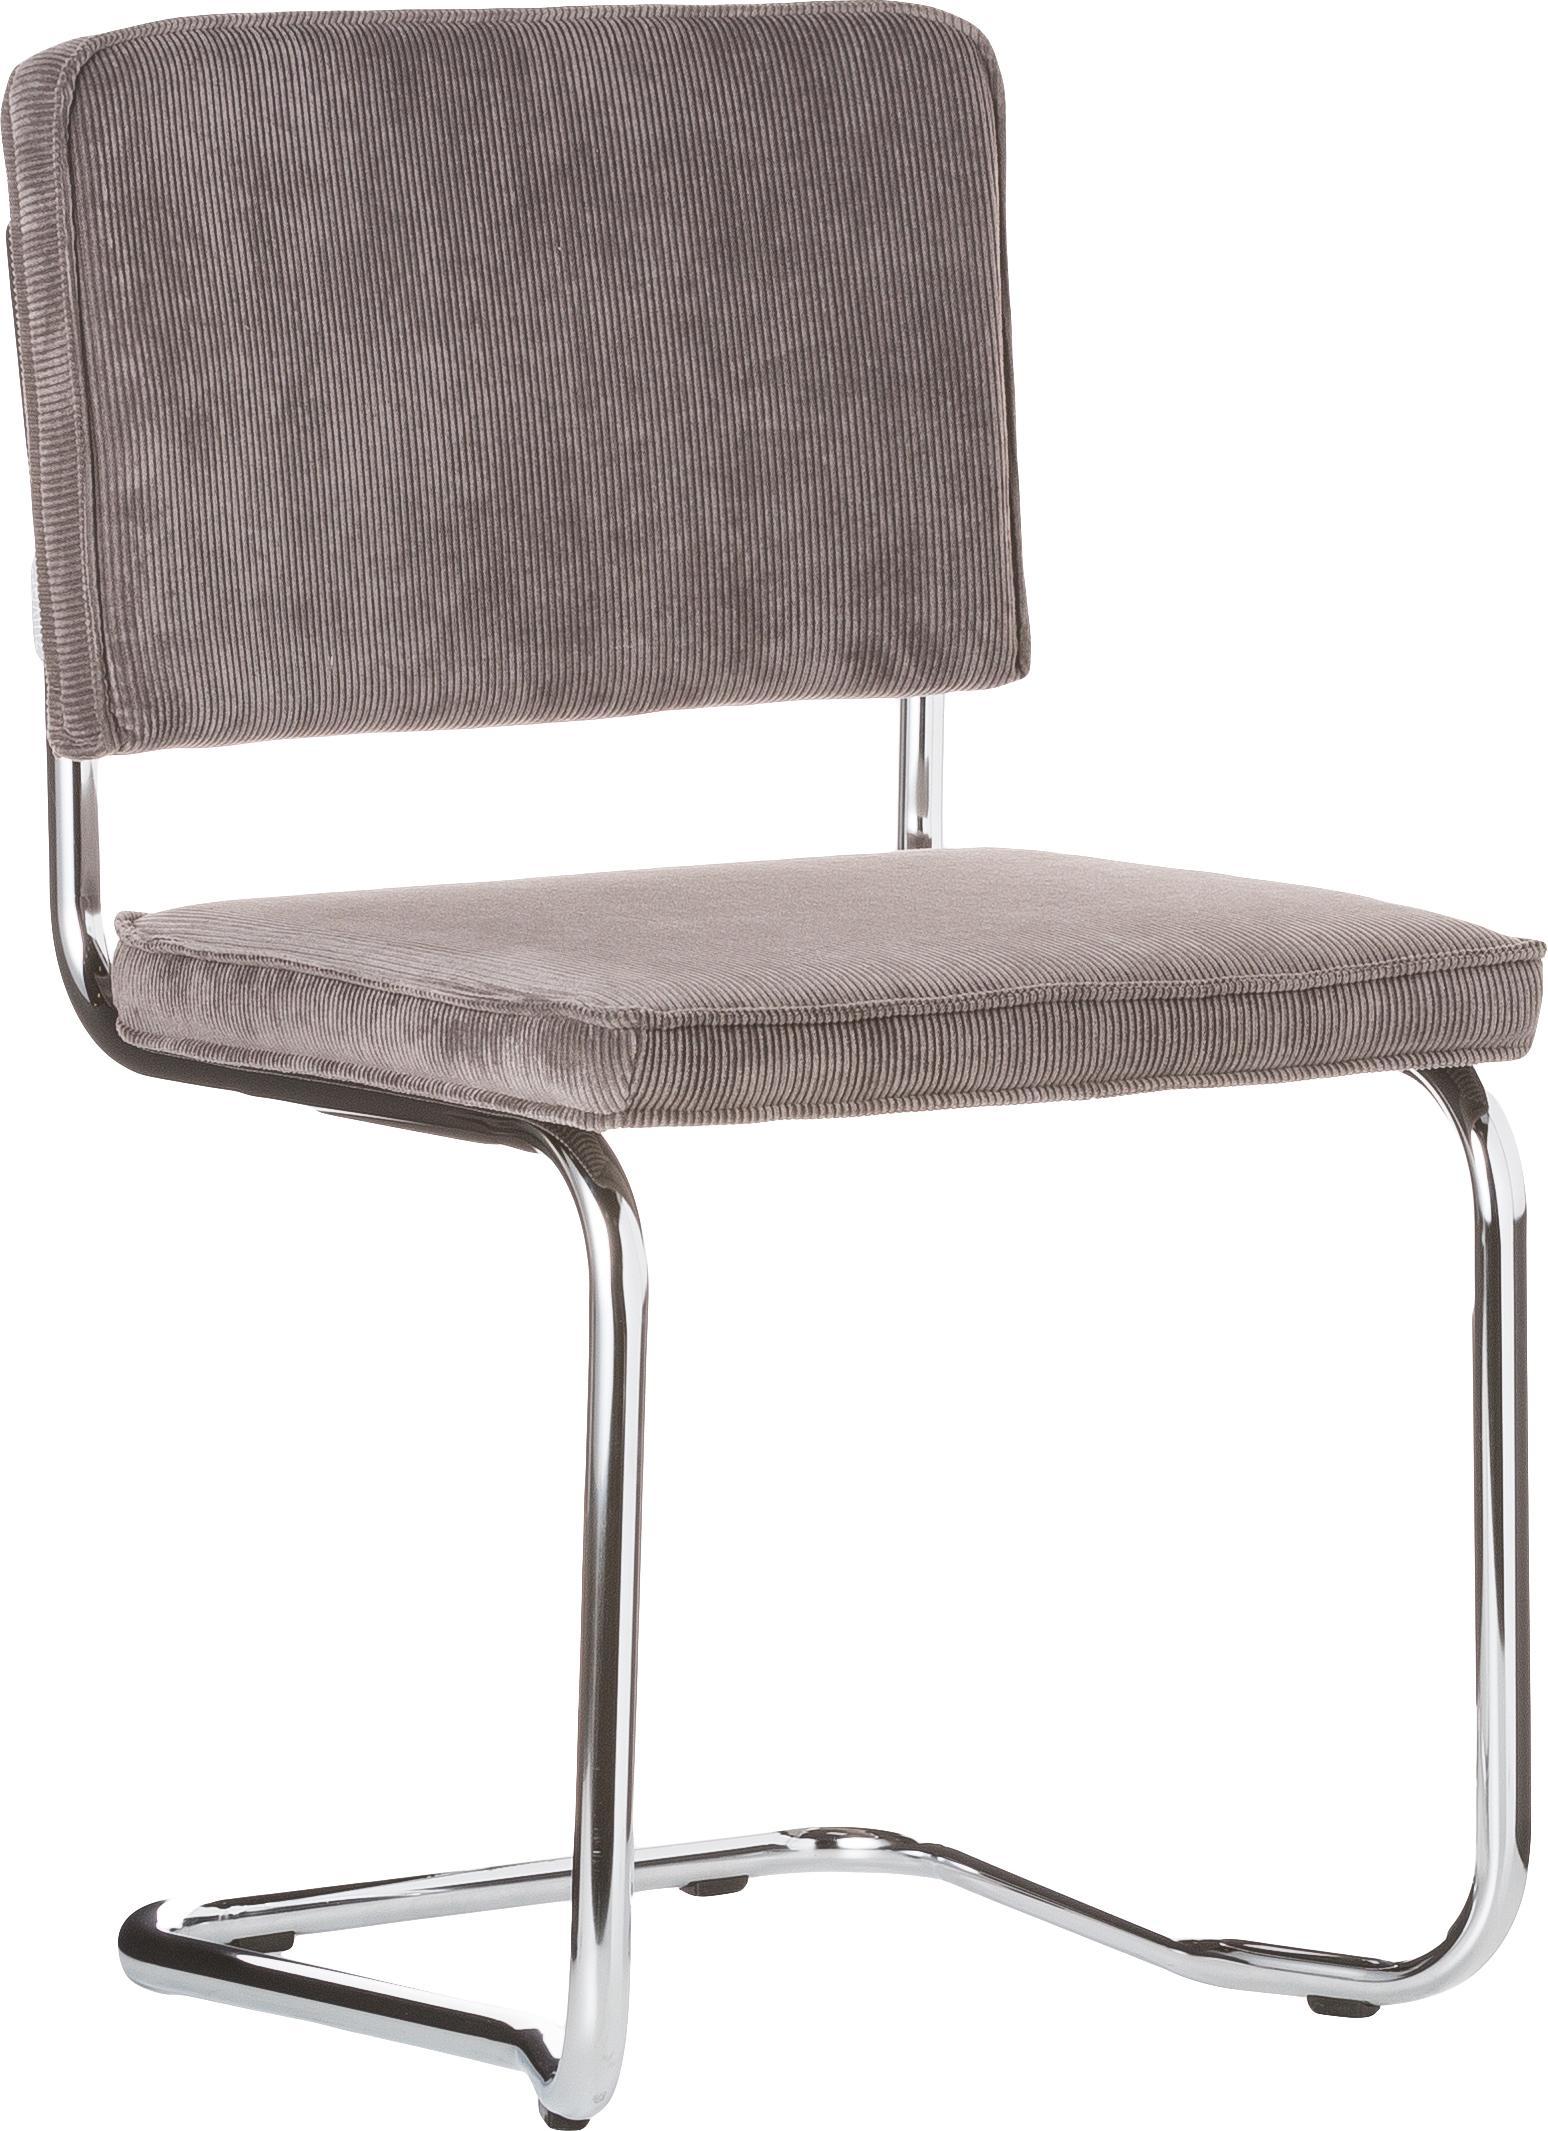 Freischwinger Ridge Kink Chair, Bezug: 88% Nylon, 12% Polyester, Gestell: Metall, verchromt Der Bez, Grau, B 48 x T 48 cm